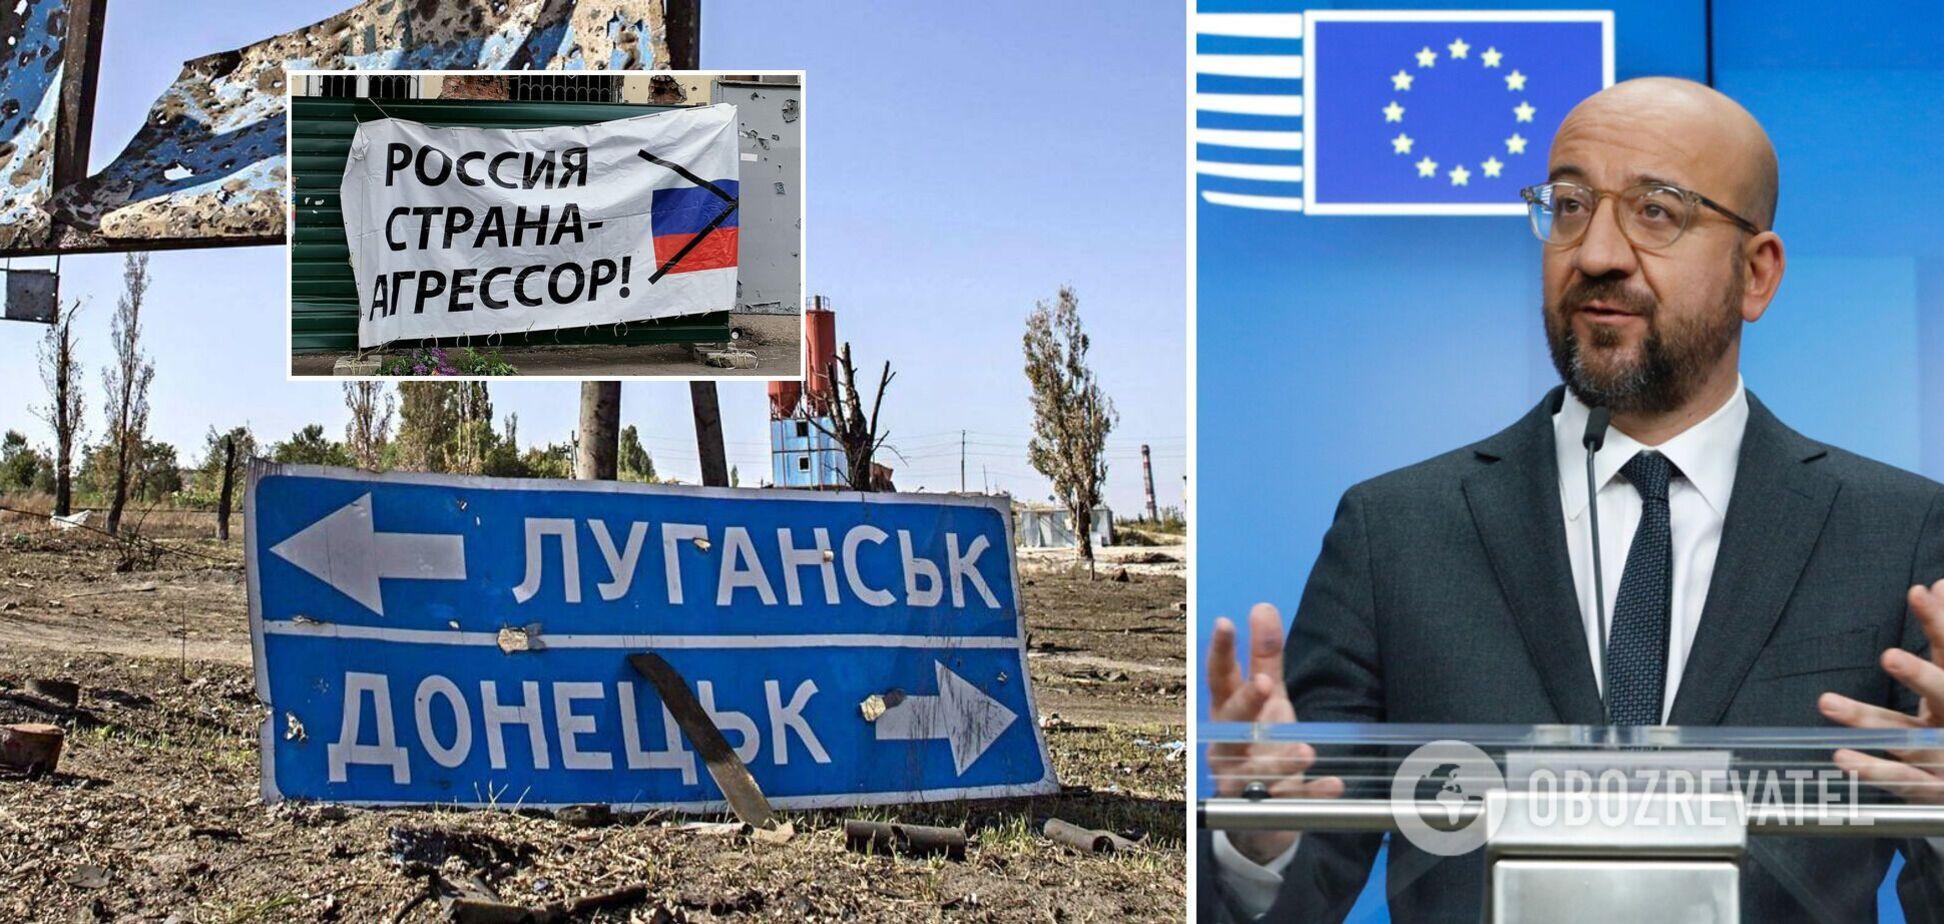 ЕС рассматривает Россию как участника войны на Донбассе, – глава Евросовета